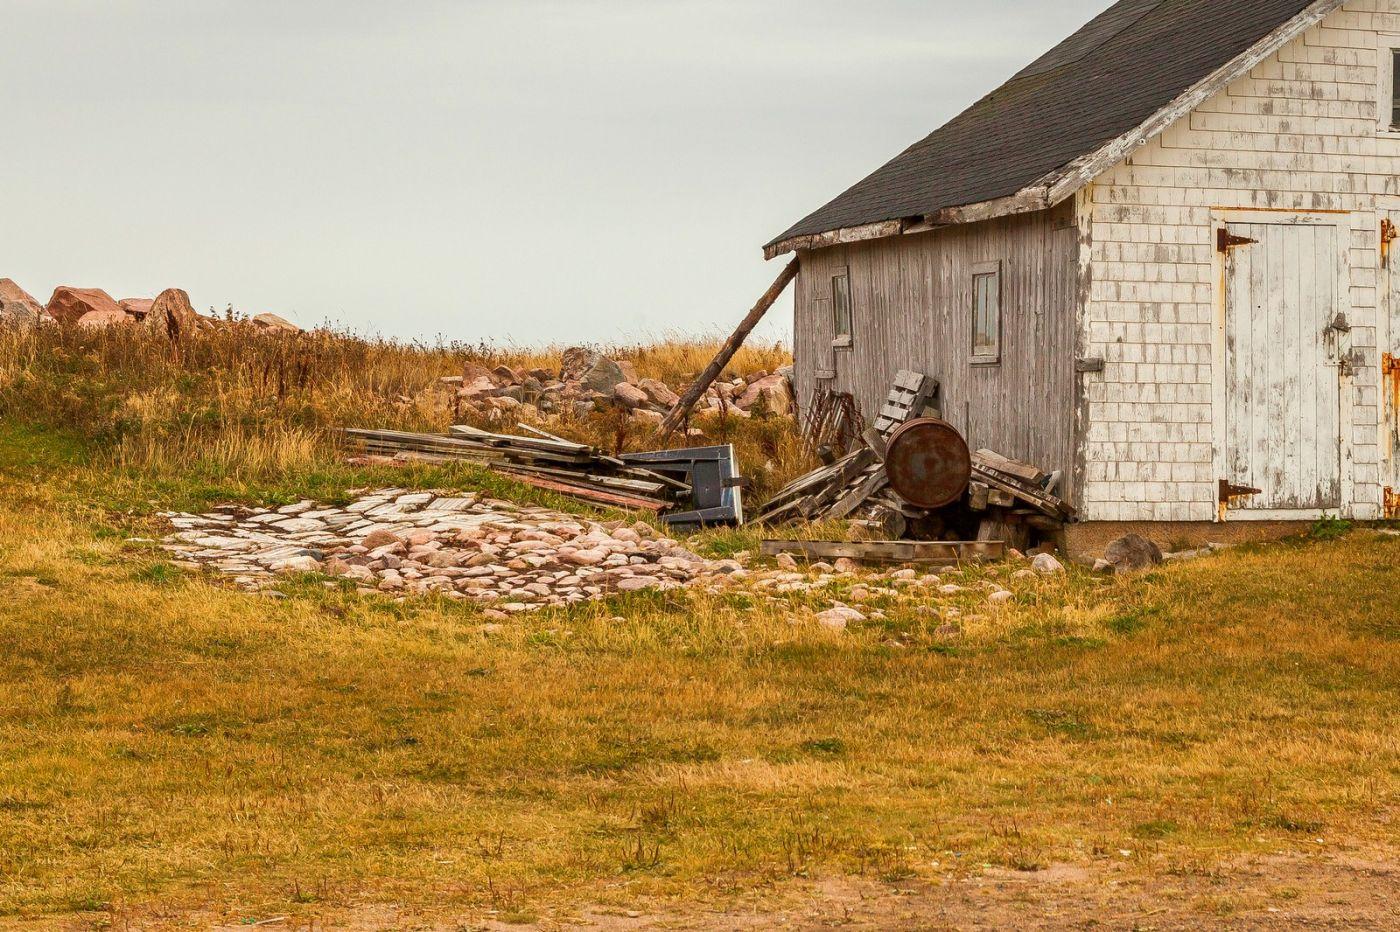 加拿大旅途,乡村的幸福生活_图1-18